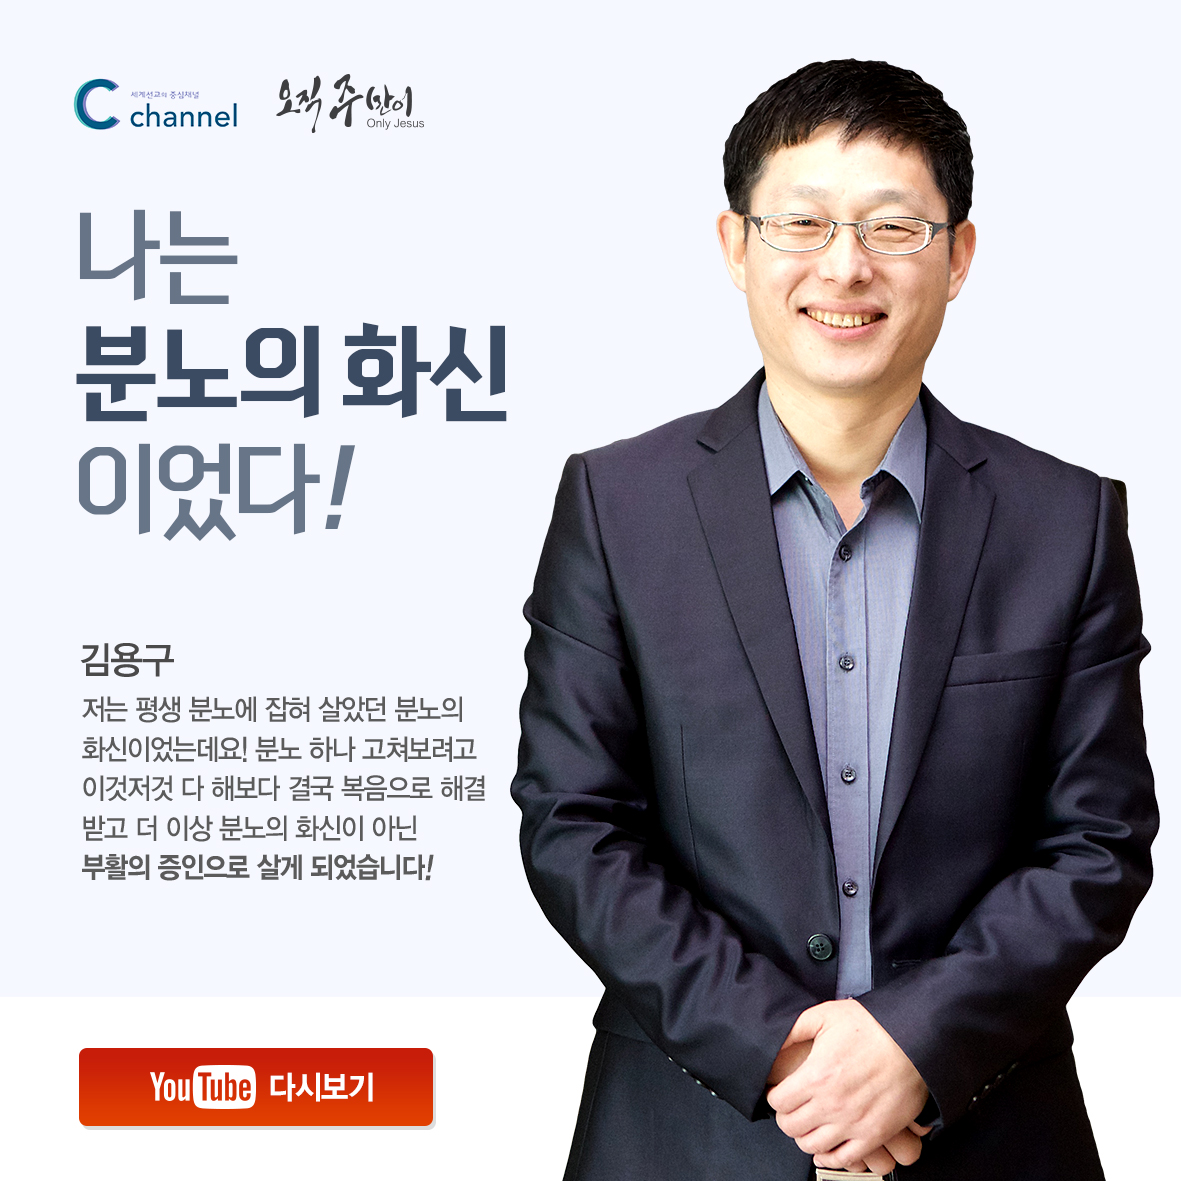 [춘천 한마음교회 간증] '나는 분노의 화신이었다!'..